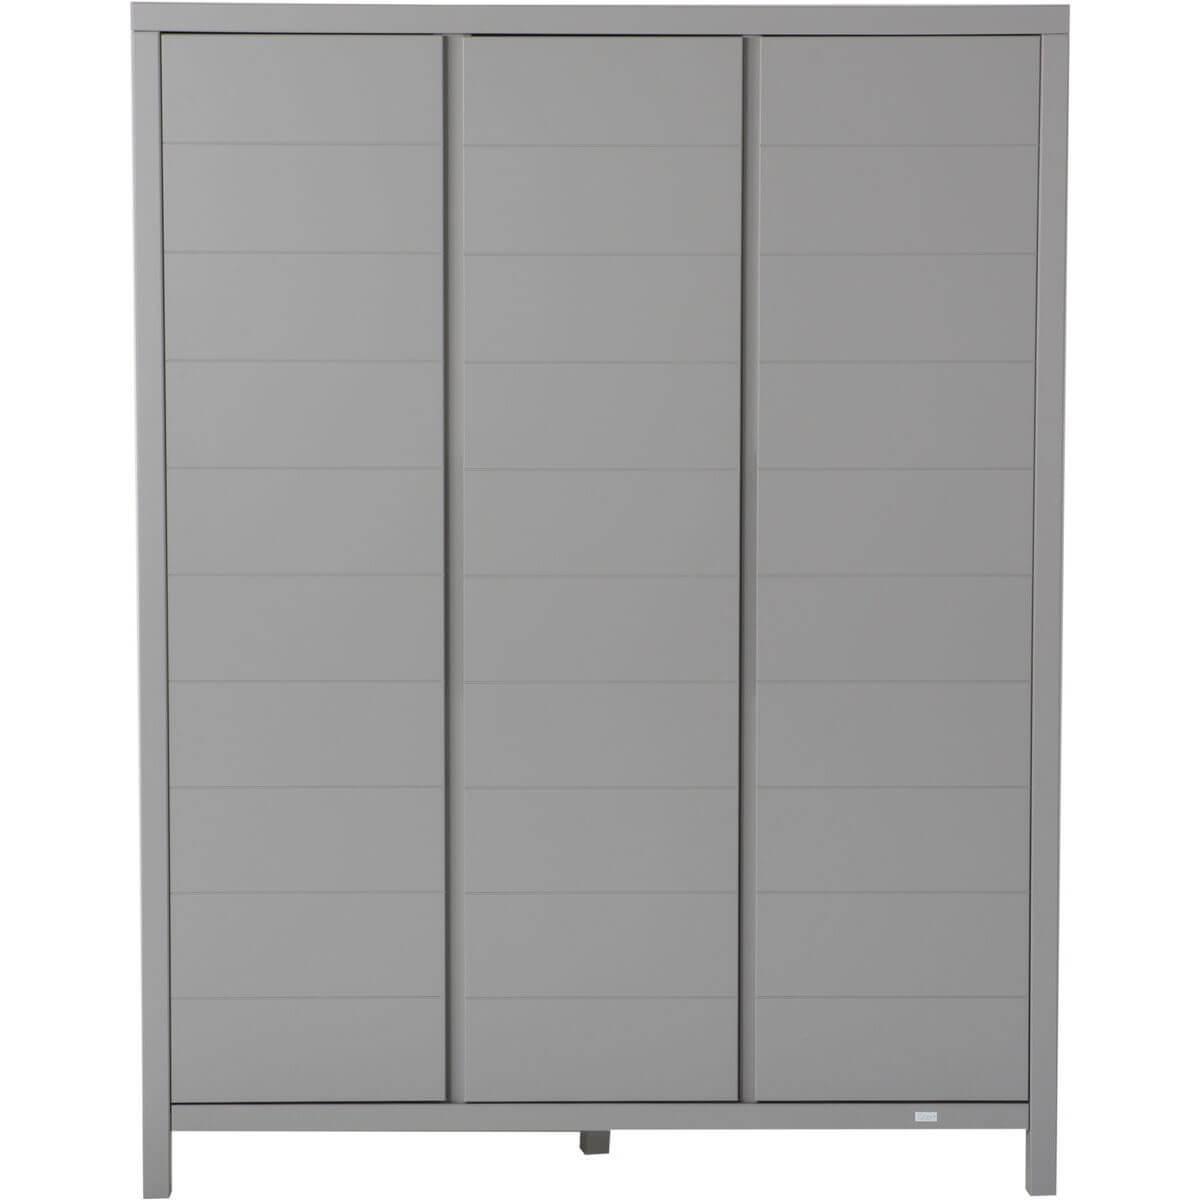 Kleiderschrank 3 Türen STRIPES Quax Griffin grey